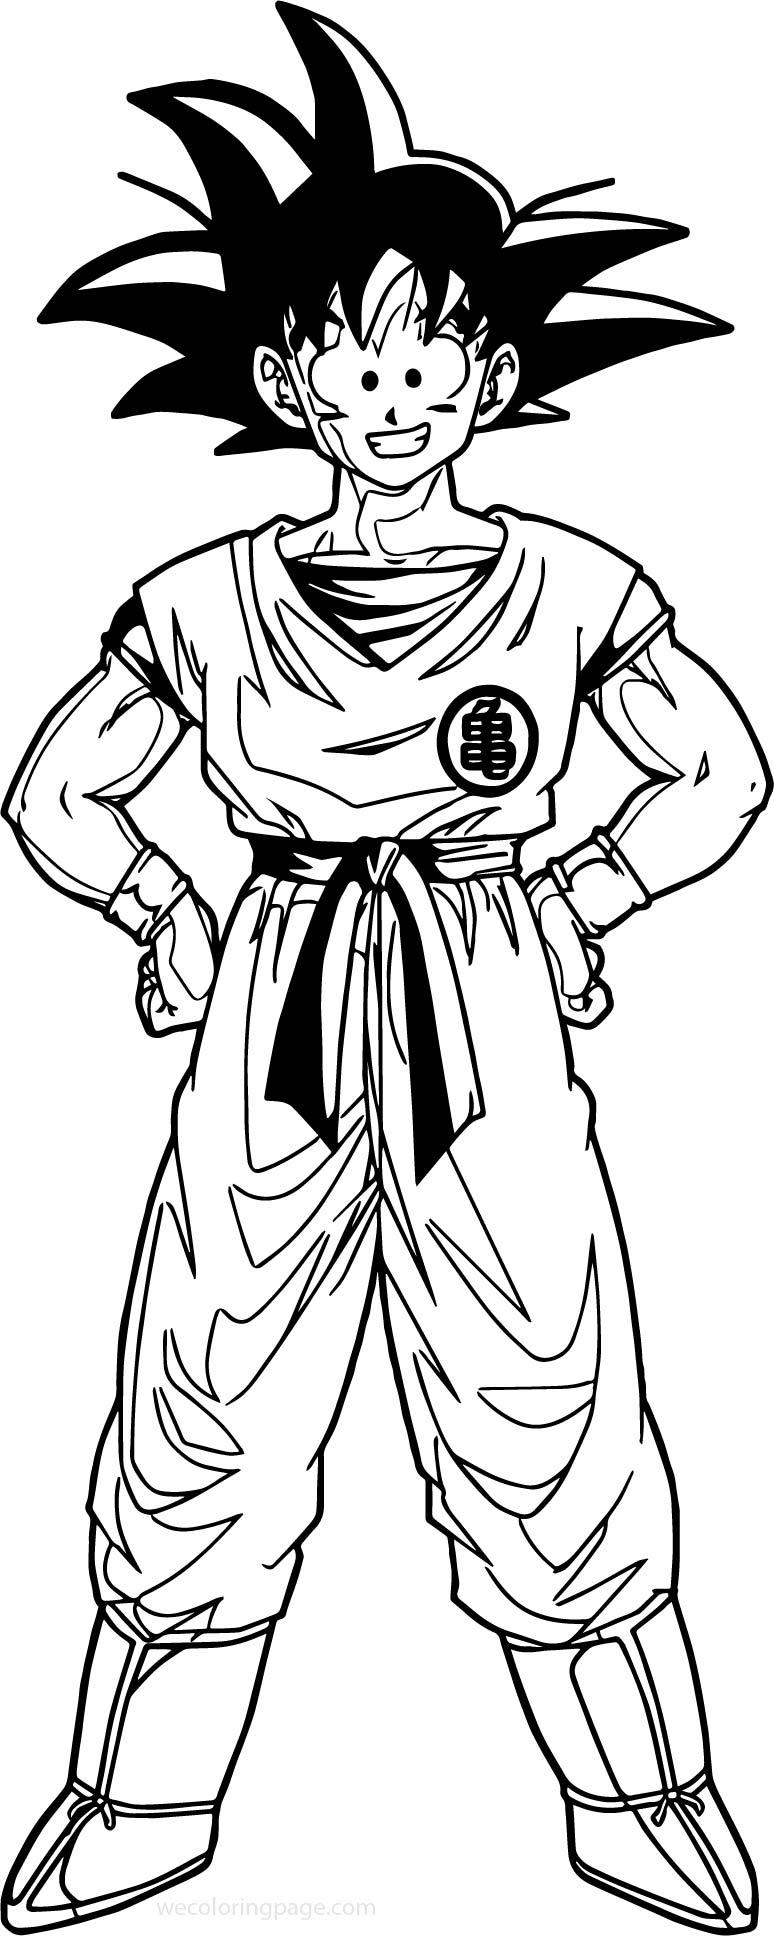 Goku Happy Coloring Page